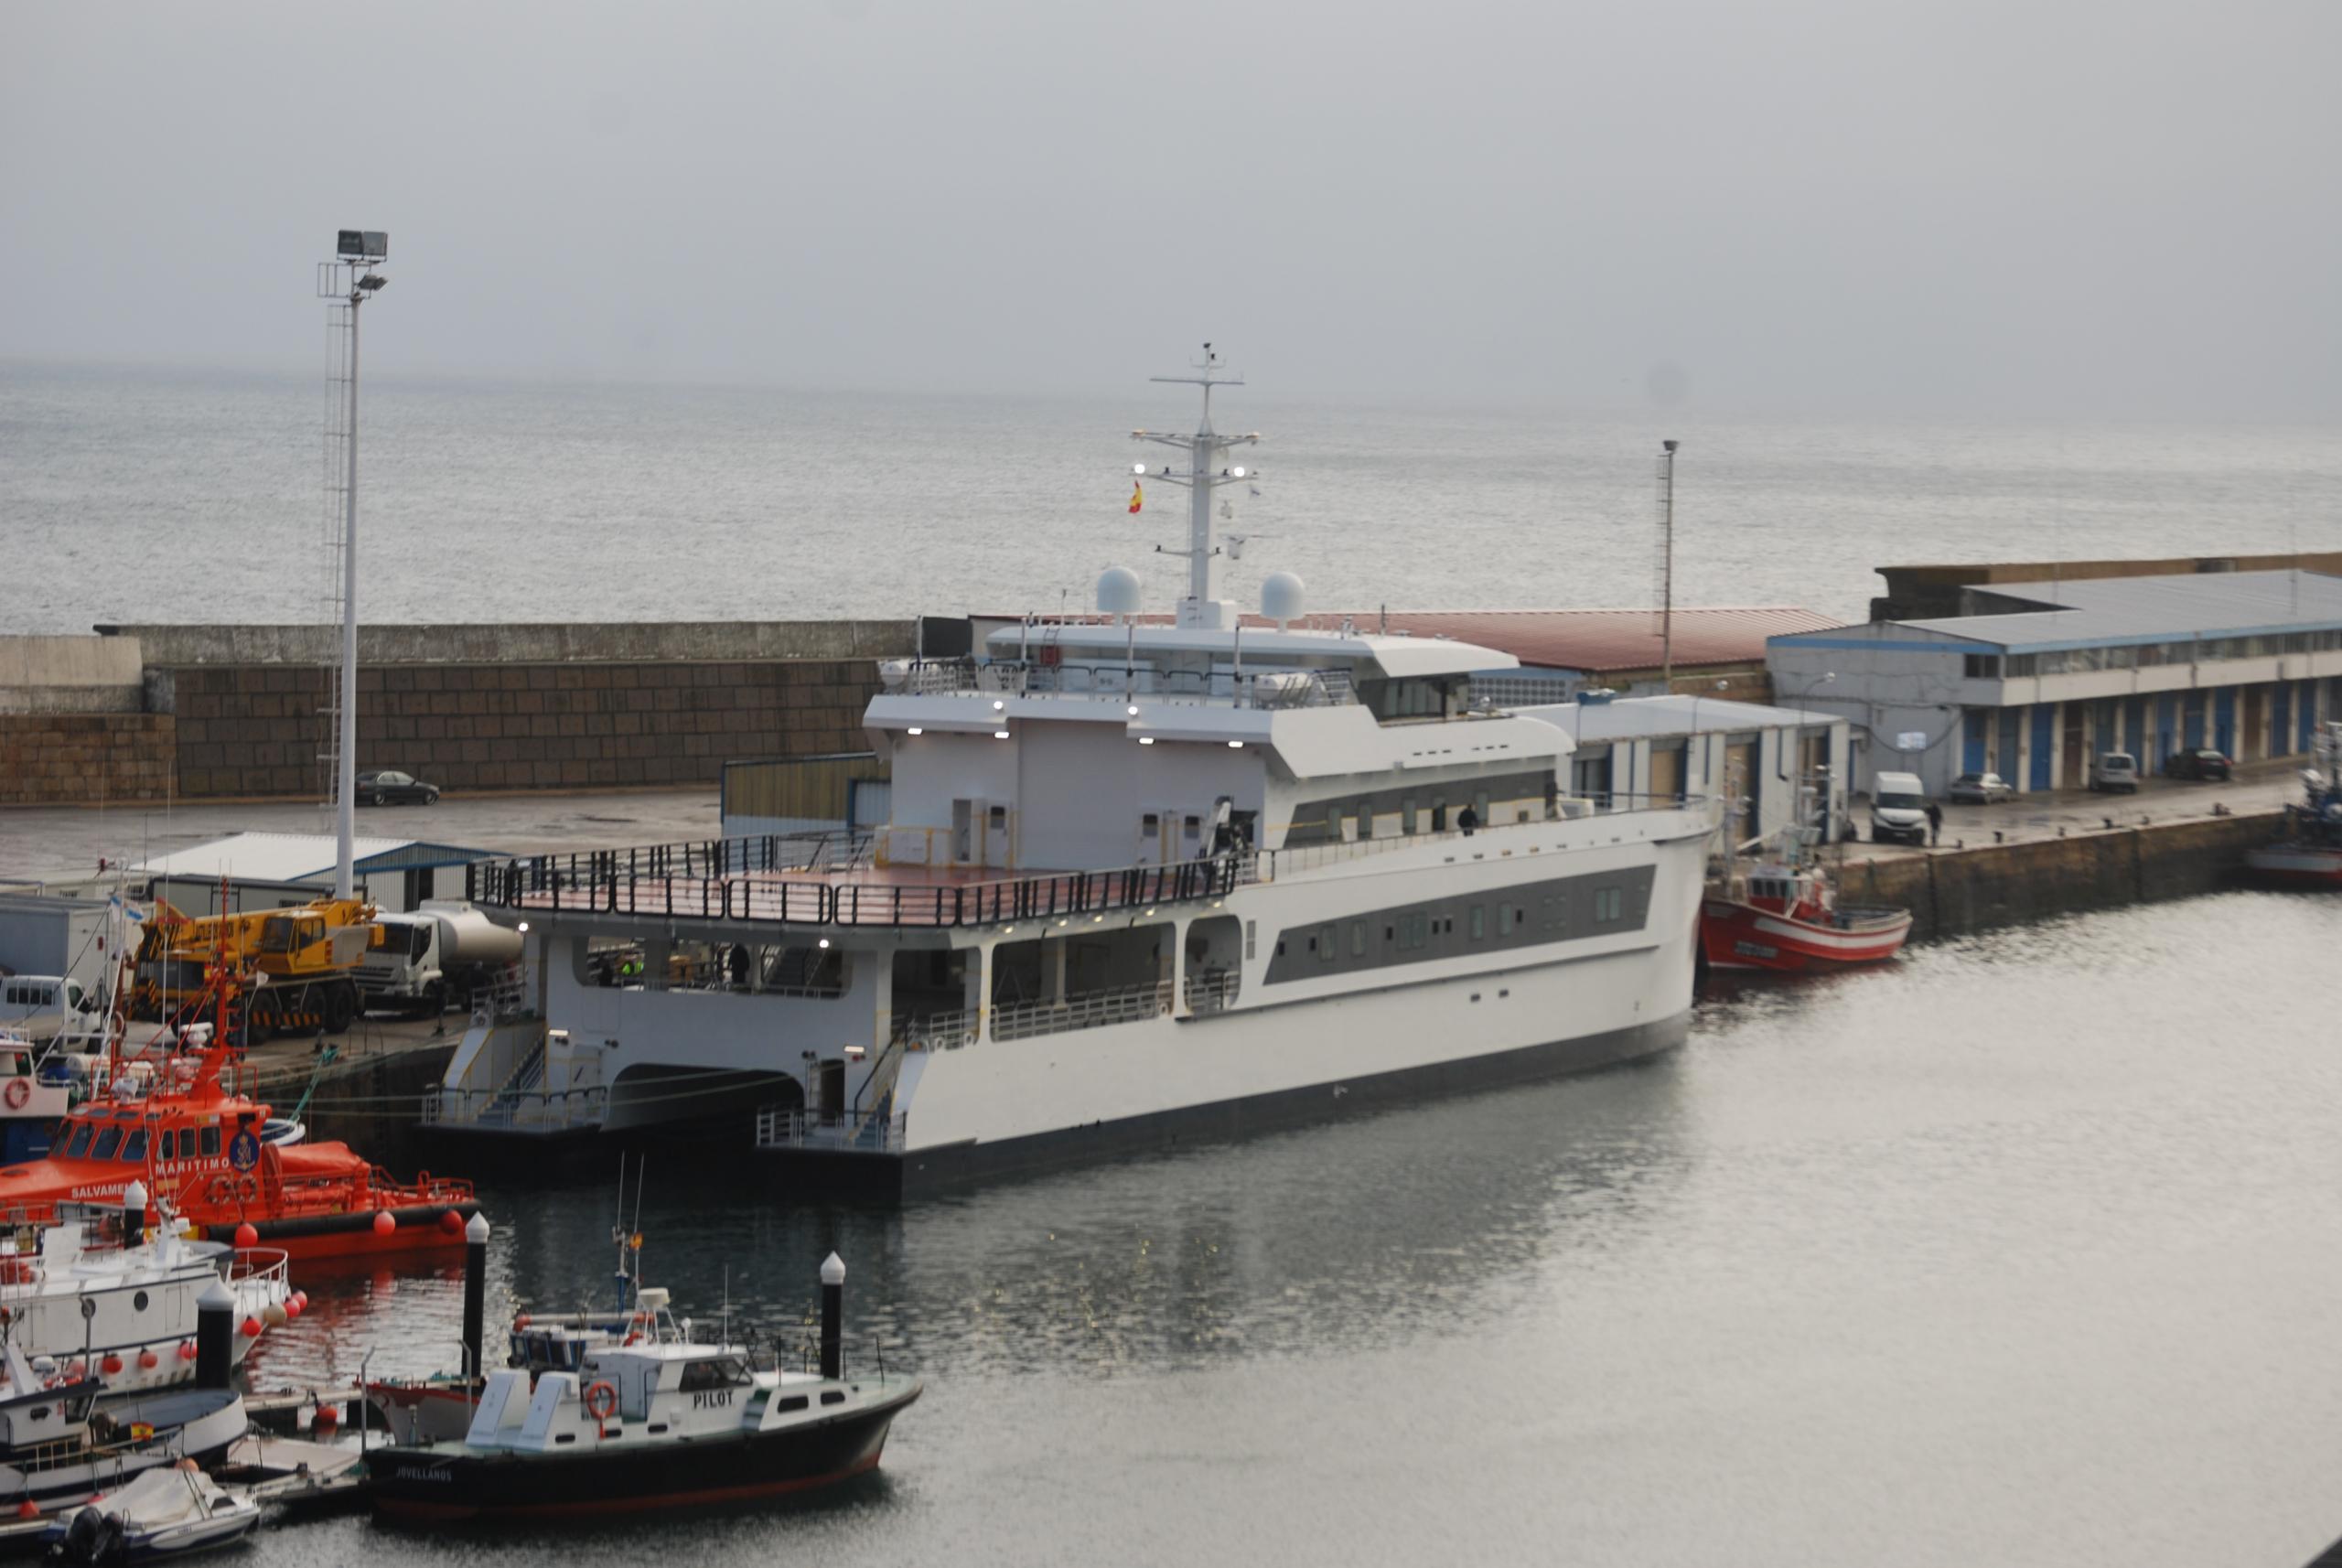 Wayfinder yacht